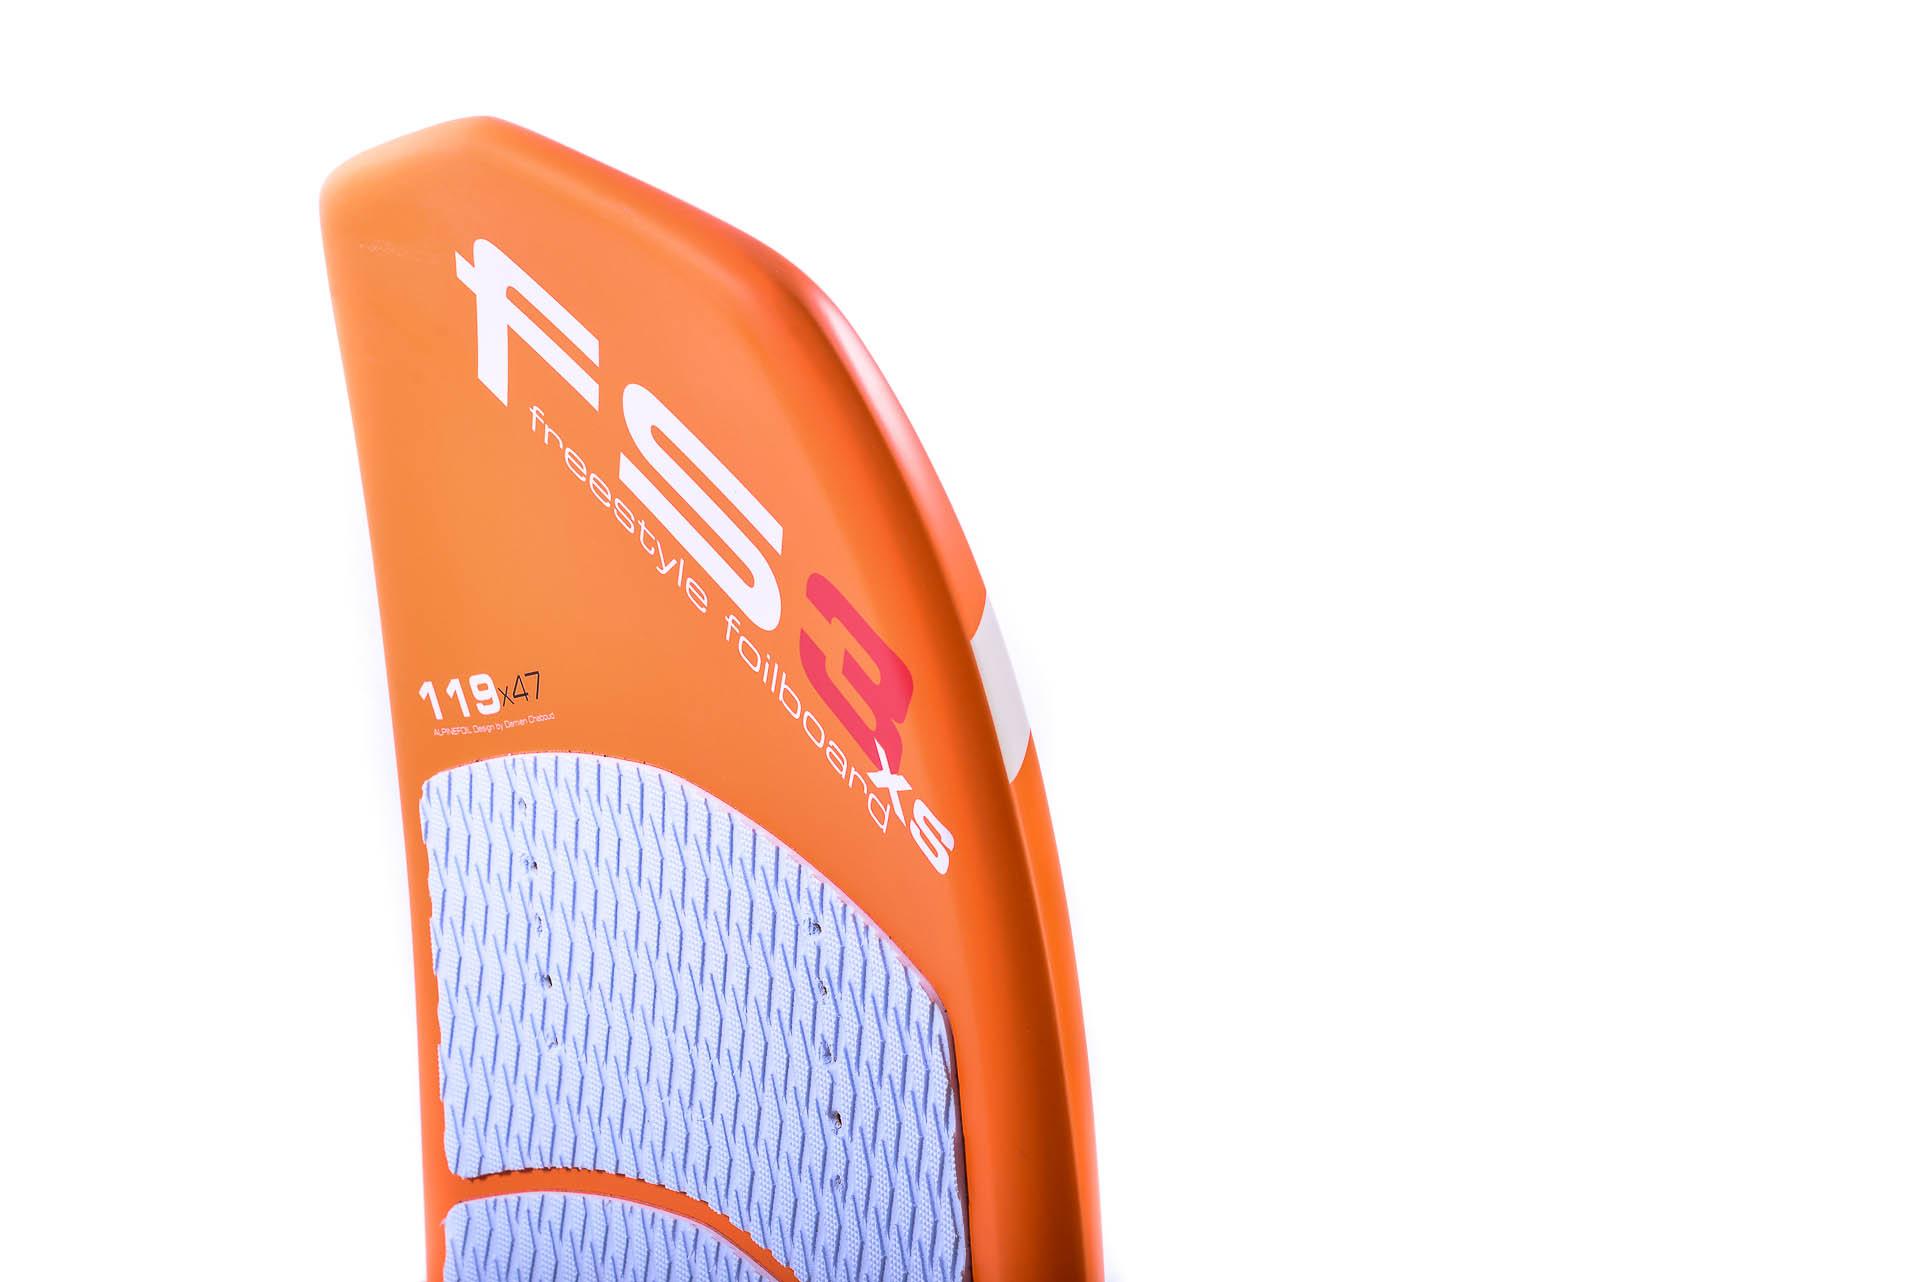 Kitefoil board alpinefoil 9052